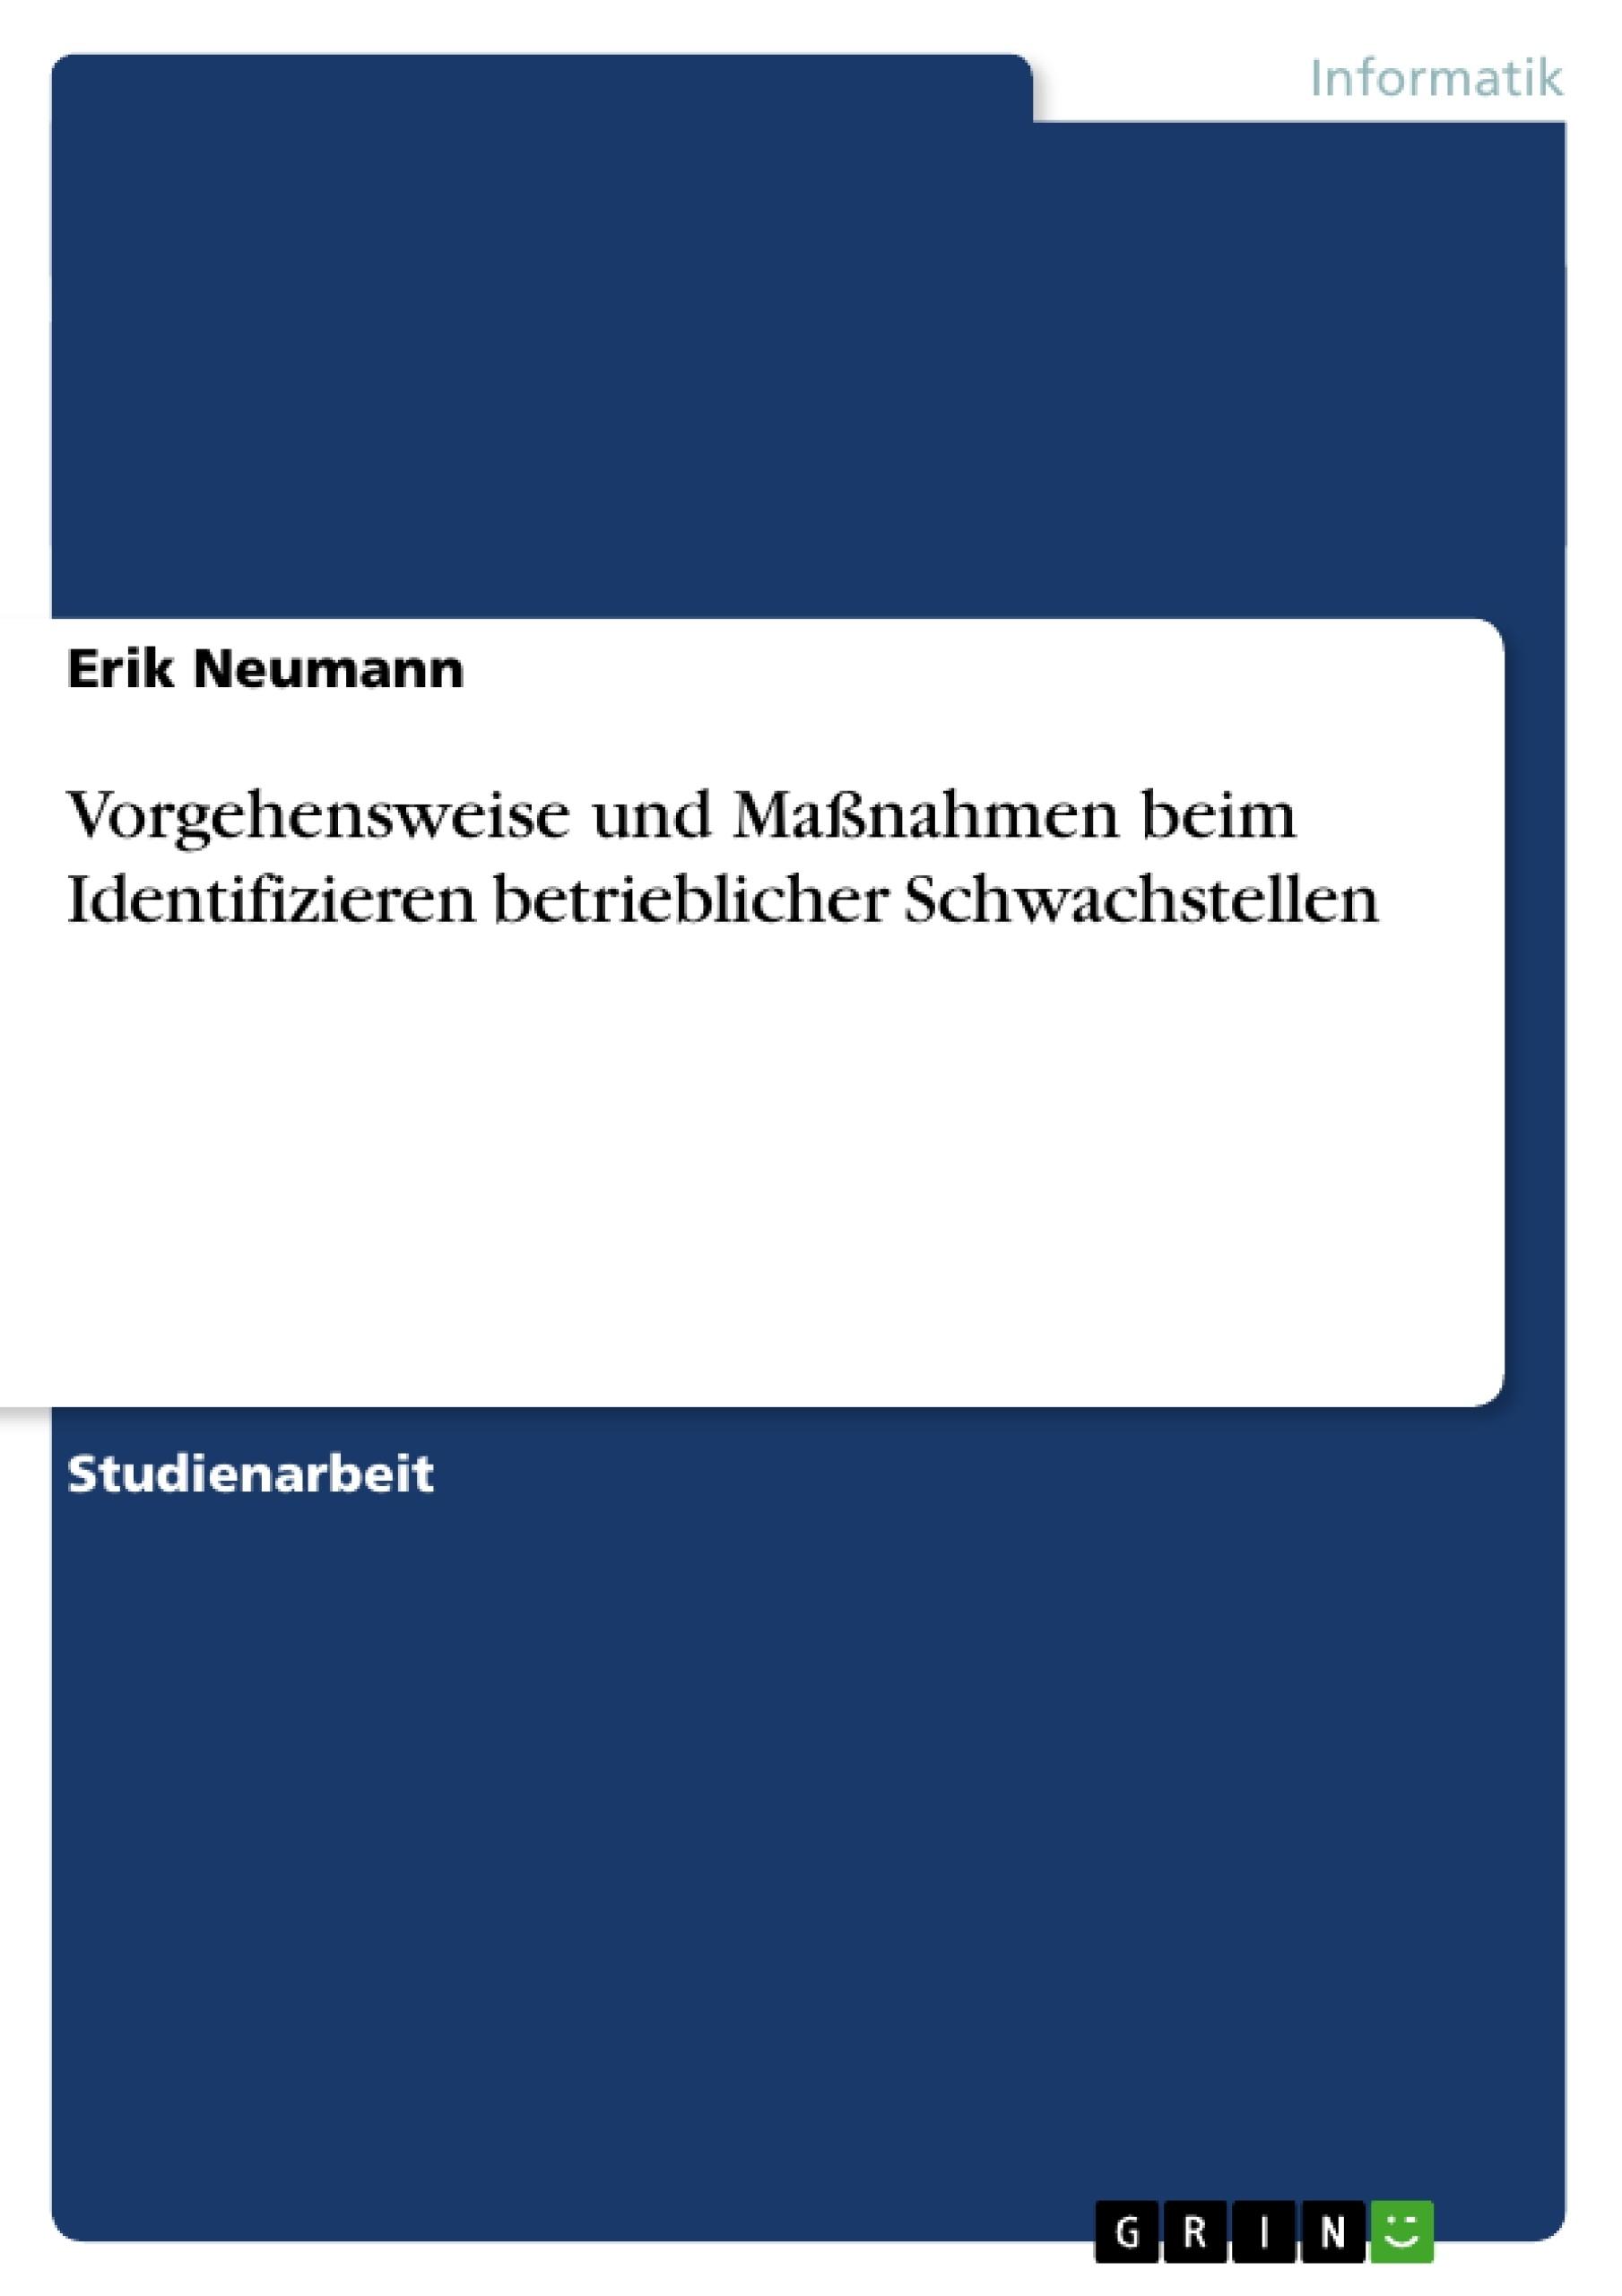 Titel: Vorgehensweise und Maßnahmen beim Identifizieren betrieblicher Schwachstellen